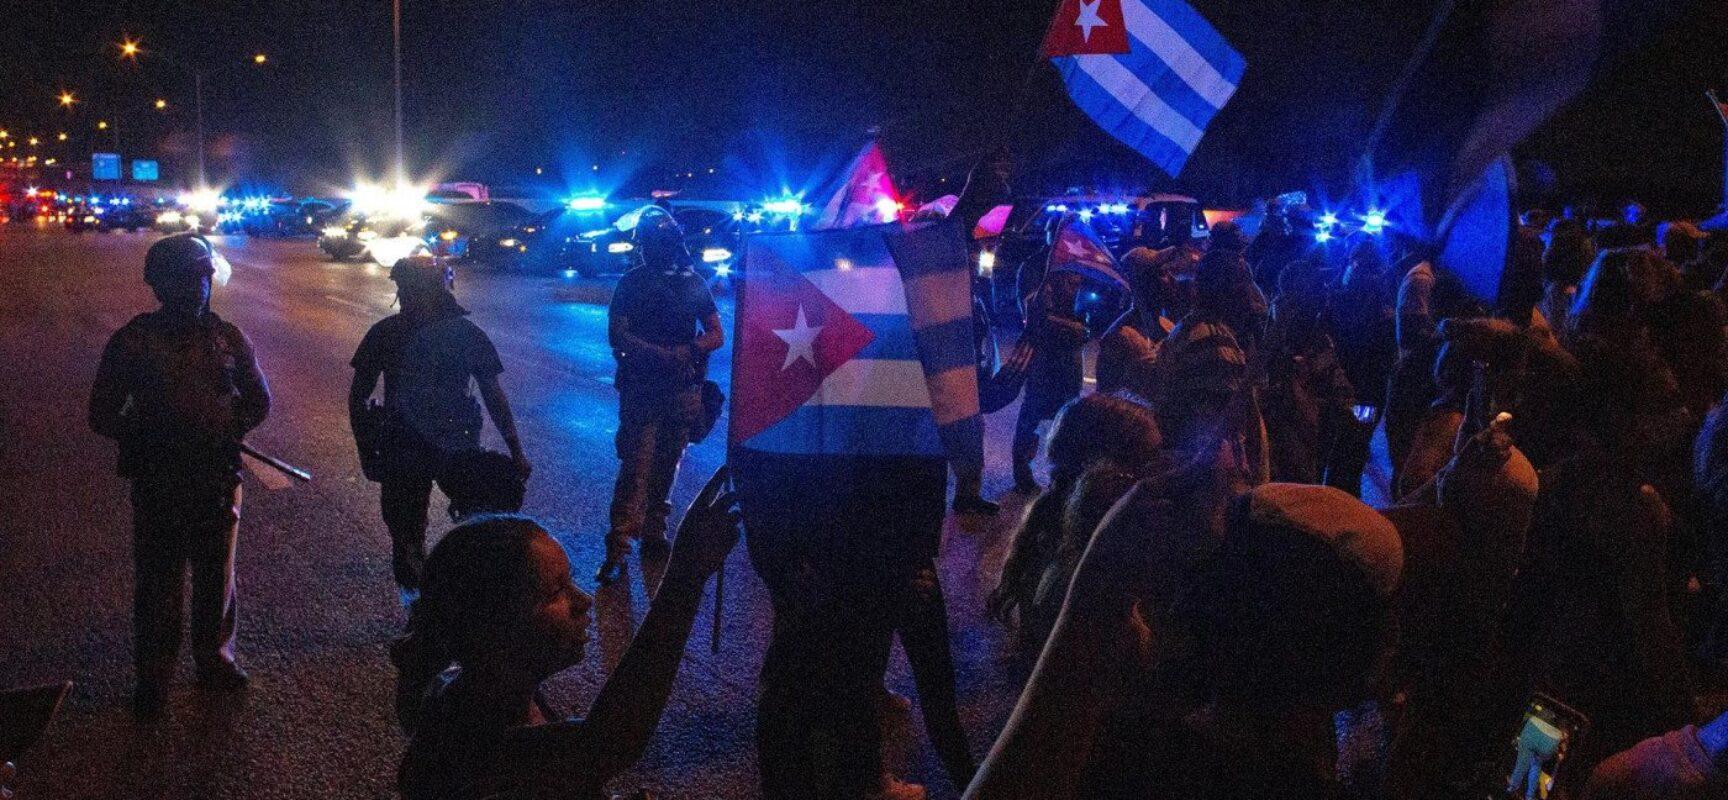 Cuba diz que protestos foram resultado de operação 'político-midiática' dos EUA